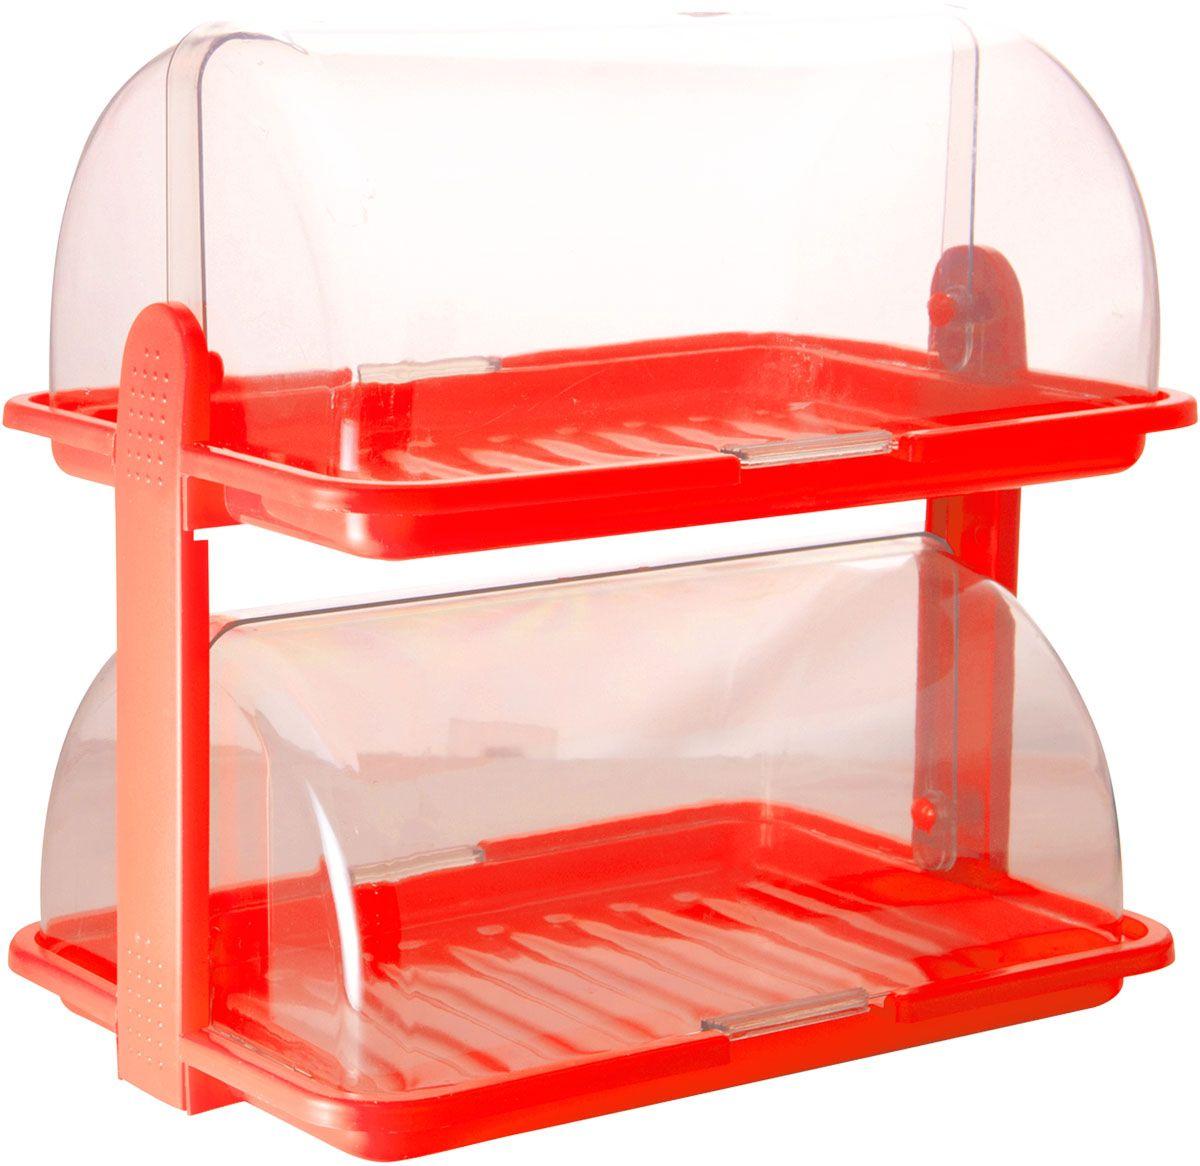 Хлебница Plastic Centre, 2-ярусная, цвет: красный, прозрачный, 38,5 х 26 х 37 смВетерок 2ГФУникальная двухъярусная хлебница Plastic Centre для любителей выпечки и свежего хлеба. Хлебница выполнена из полипропилена. Она сохранит хлеб свежим длительное время. Благодаря двум раздельным секциям можно хранить сладкую выпечку и хлеб в разных отделениях.